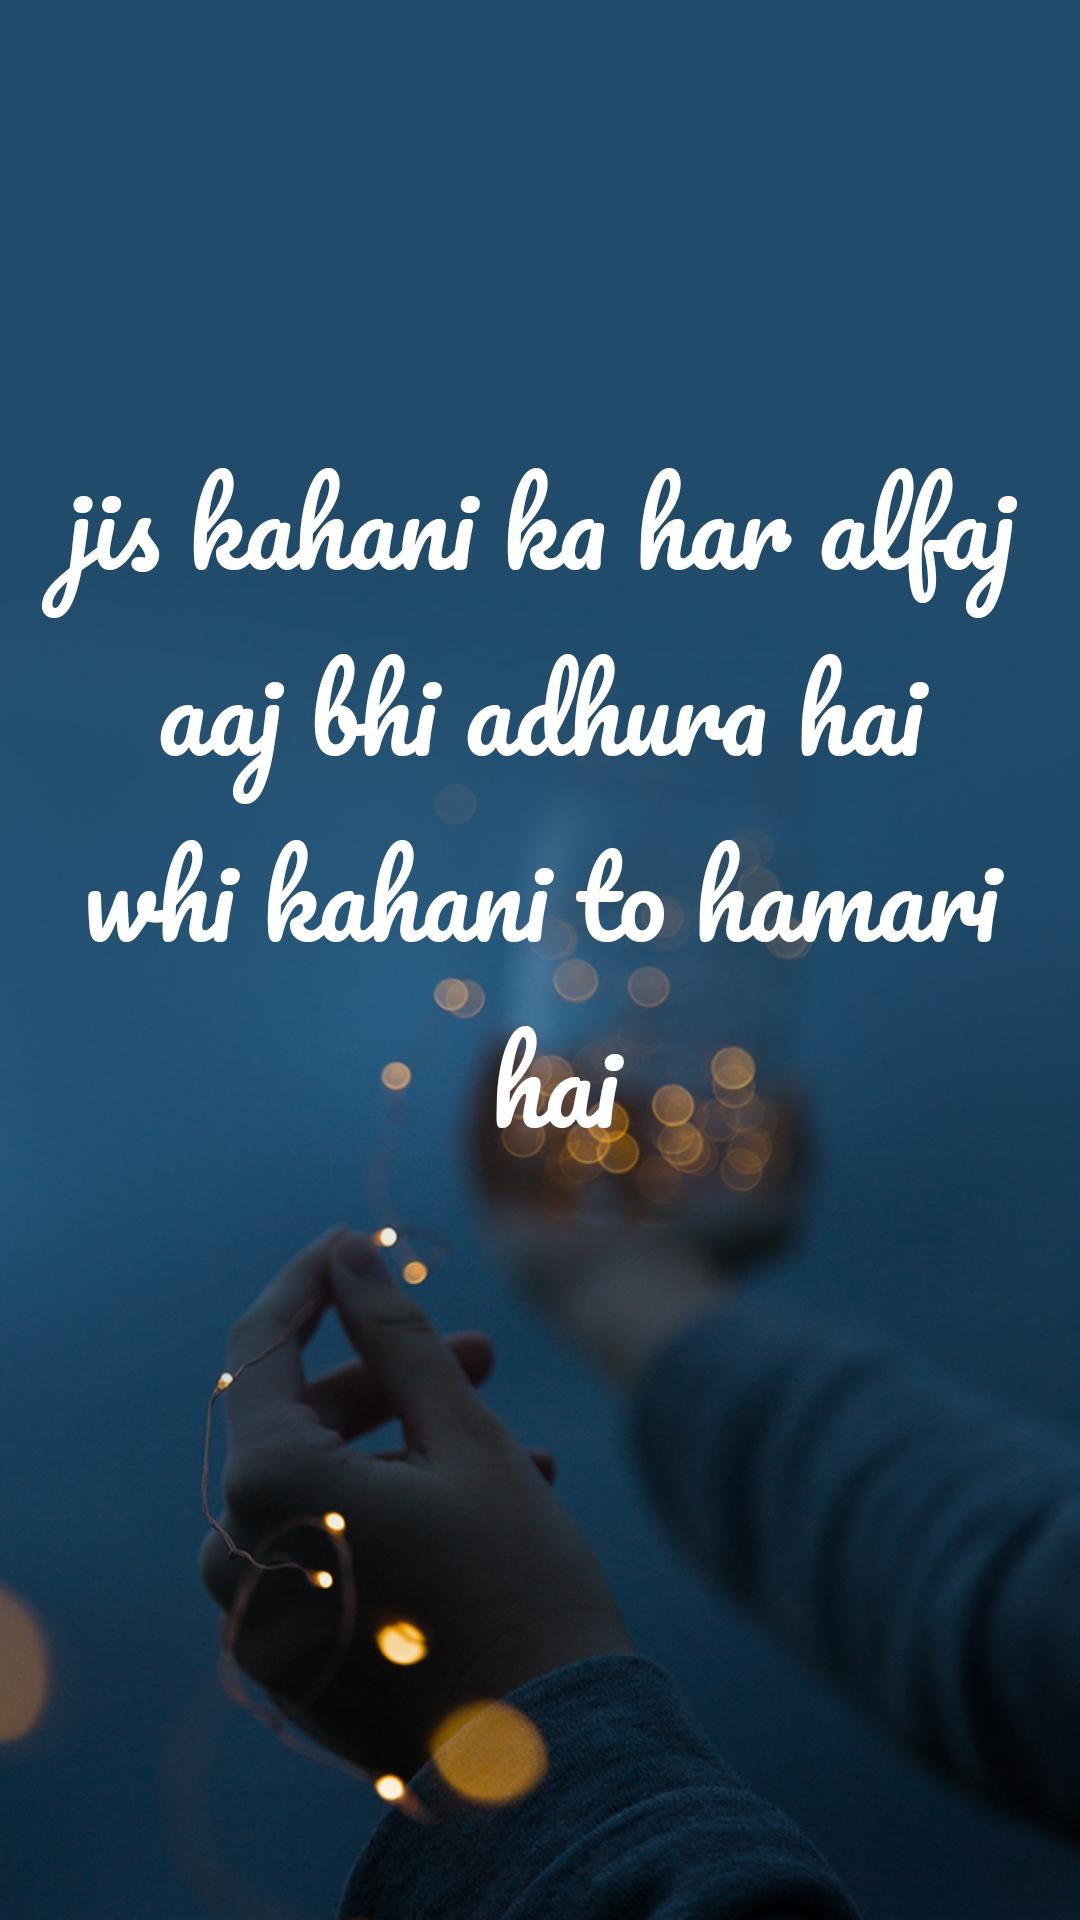 jis kahani ka har alfaj aaj bhi adhura hai whi kahani to hamari  hai